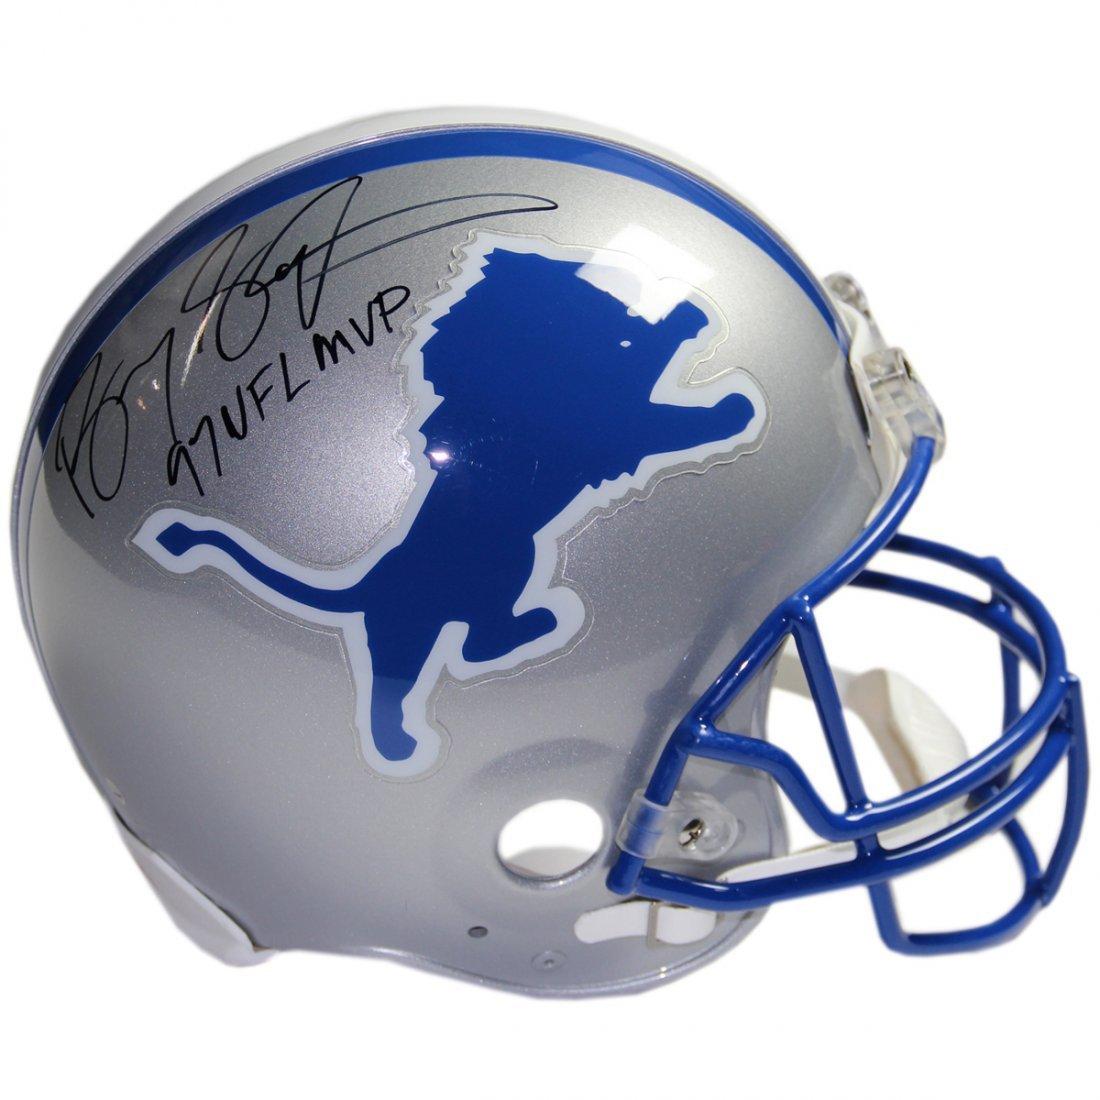 Barry Sanders Signed Detroit Lions Authentic Helmet w/